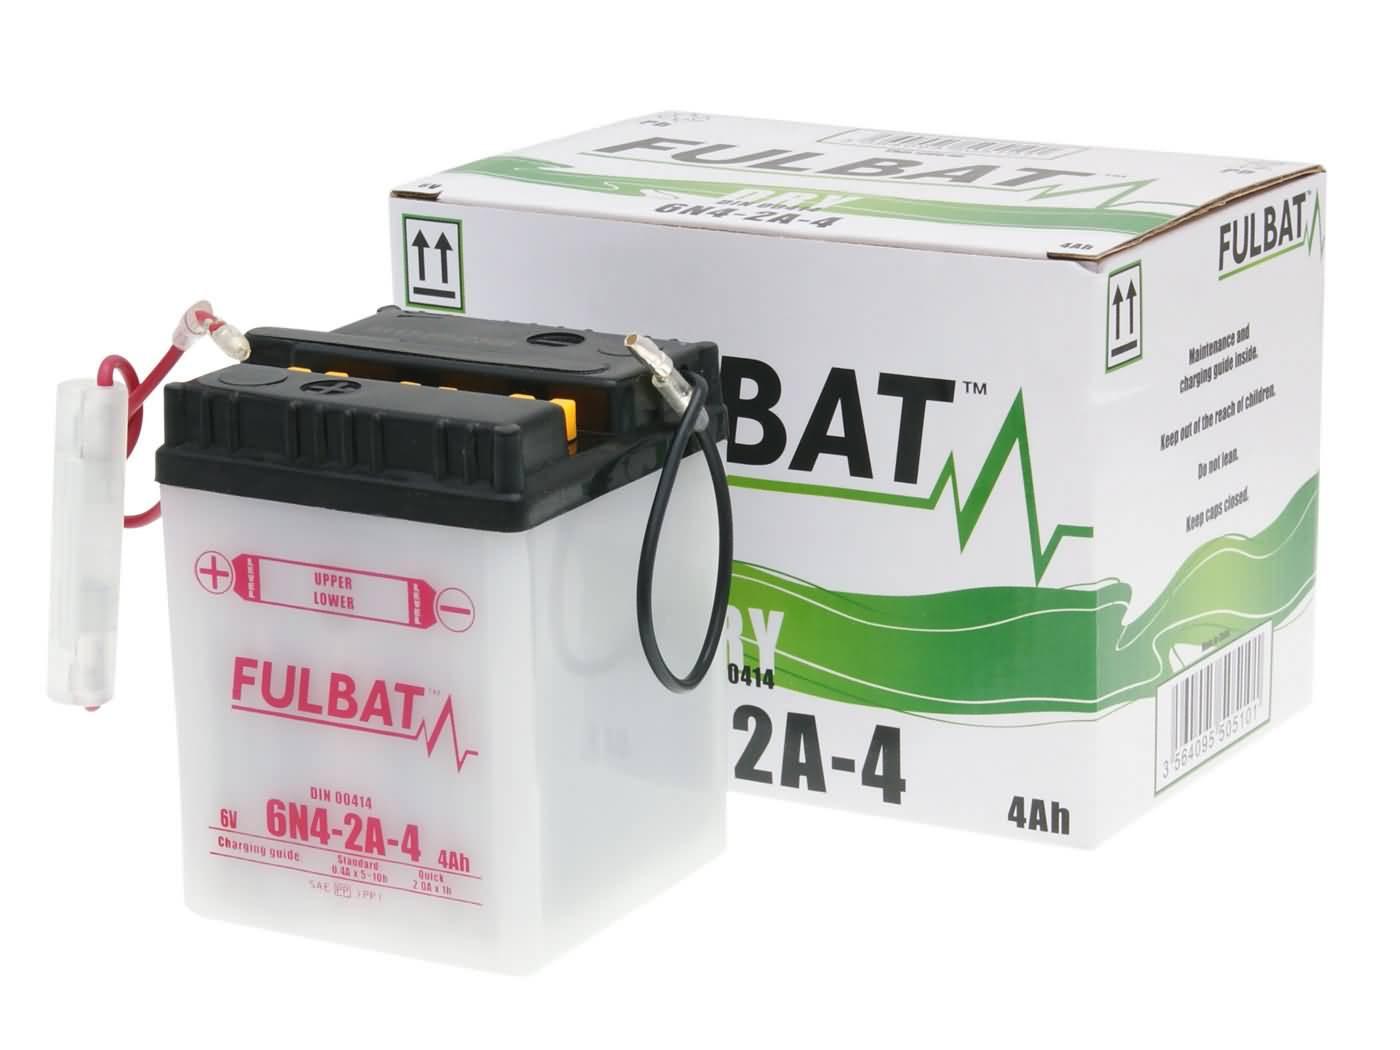 Fulbat 6V 6N4-2A-4 DRY száraz akkumulátor + savcsomag